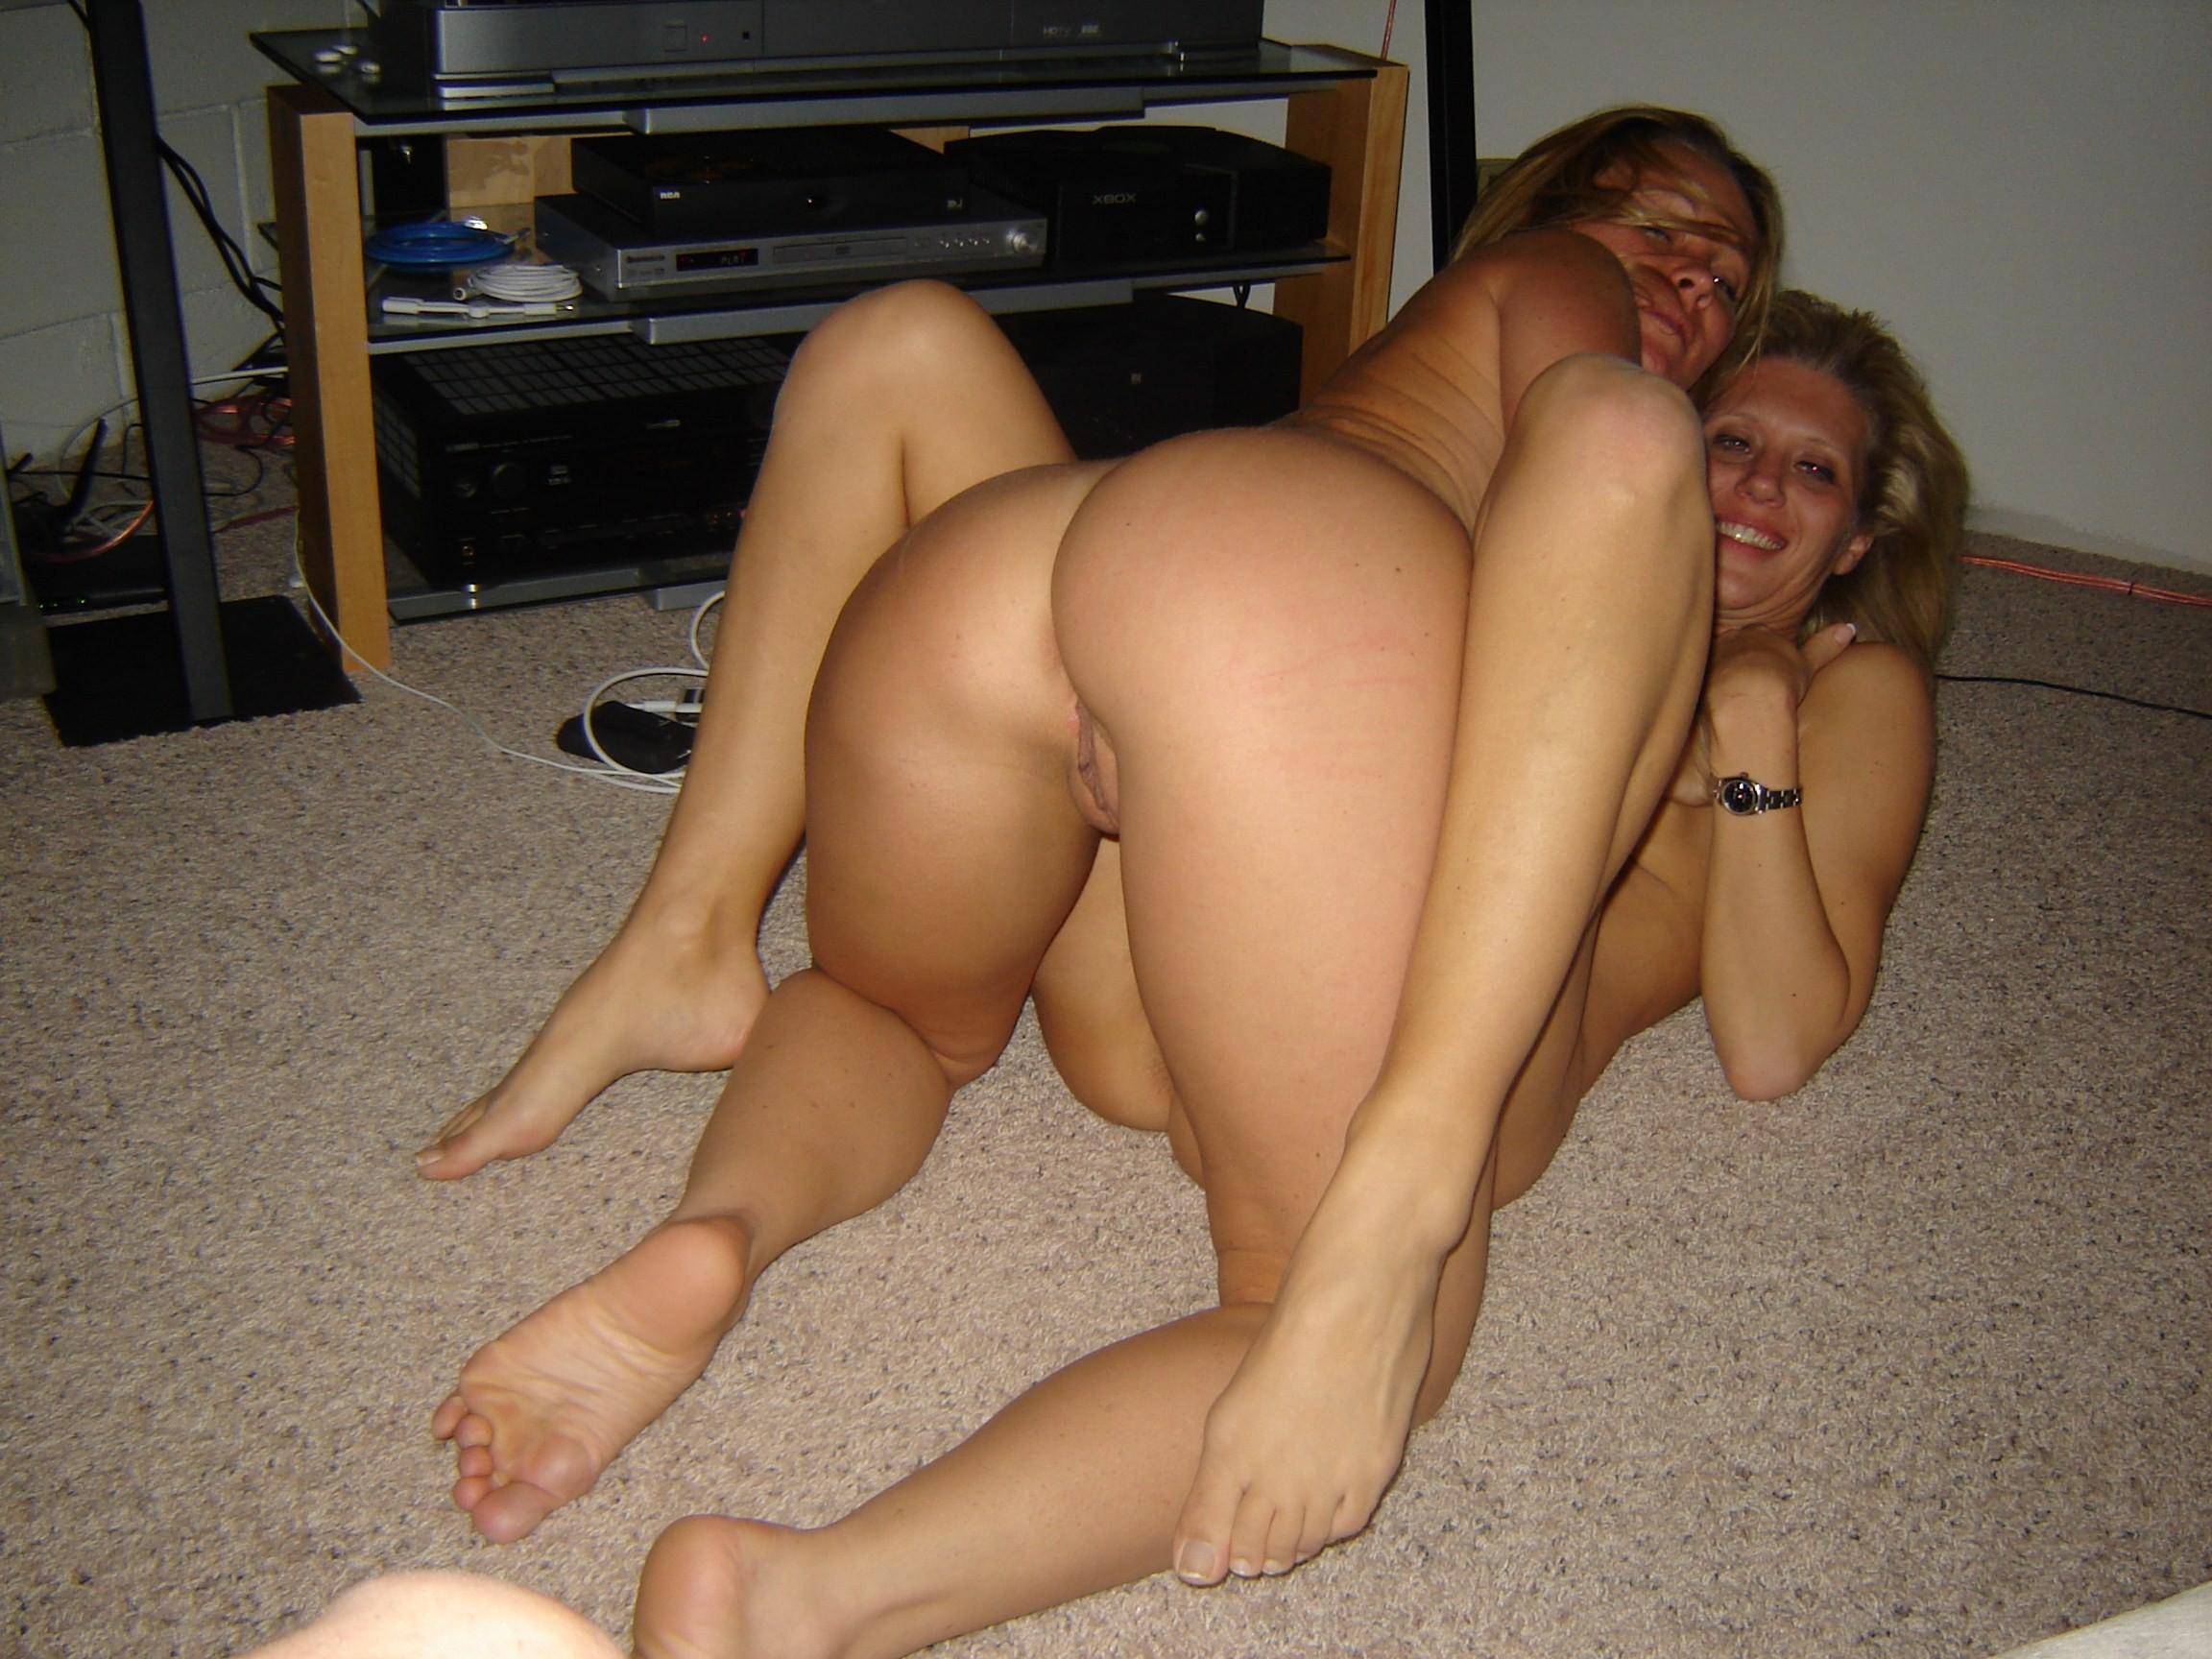 Частное порно с двумя телками 27 фотография